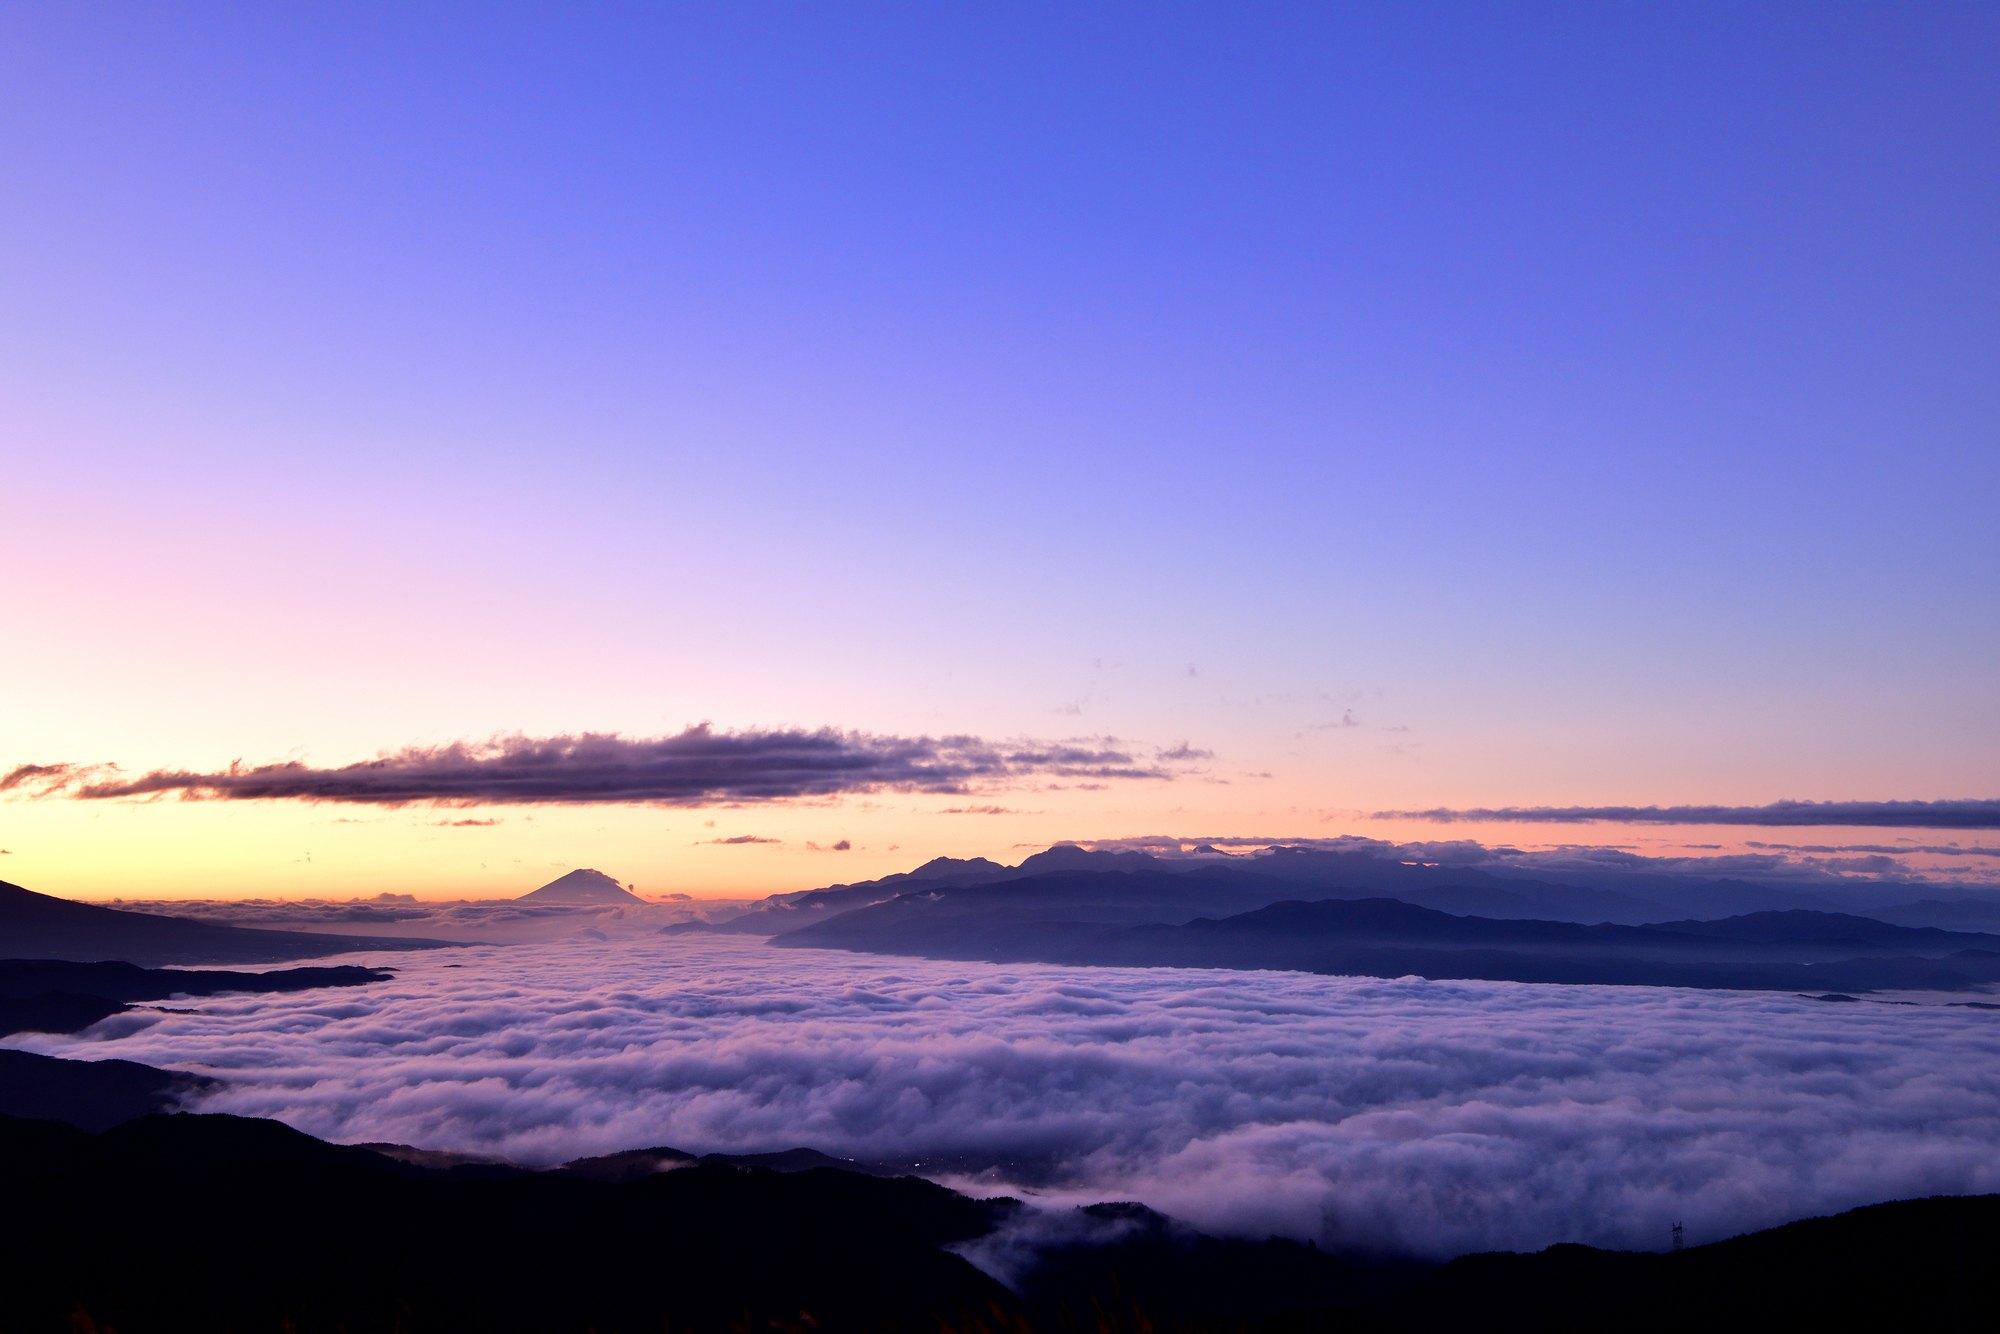 TAKABOCCHI高原的云海